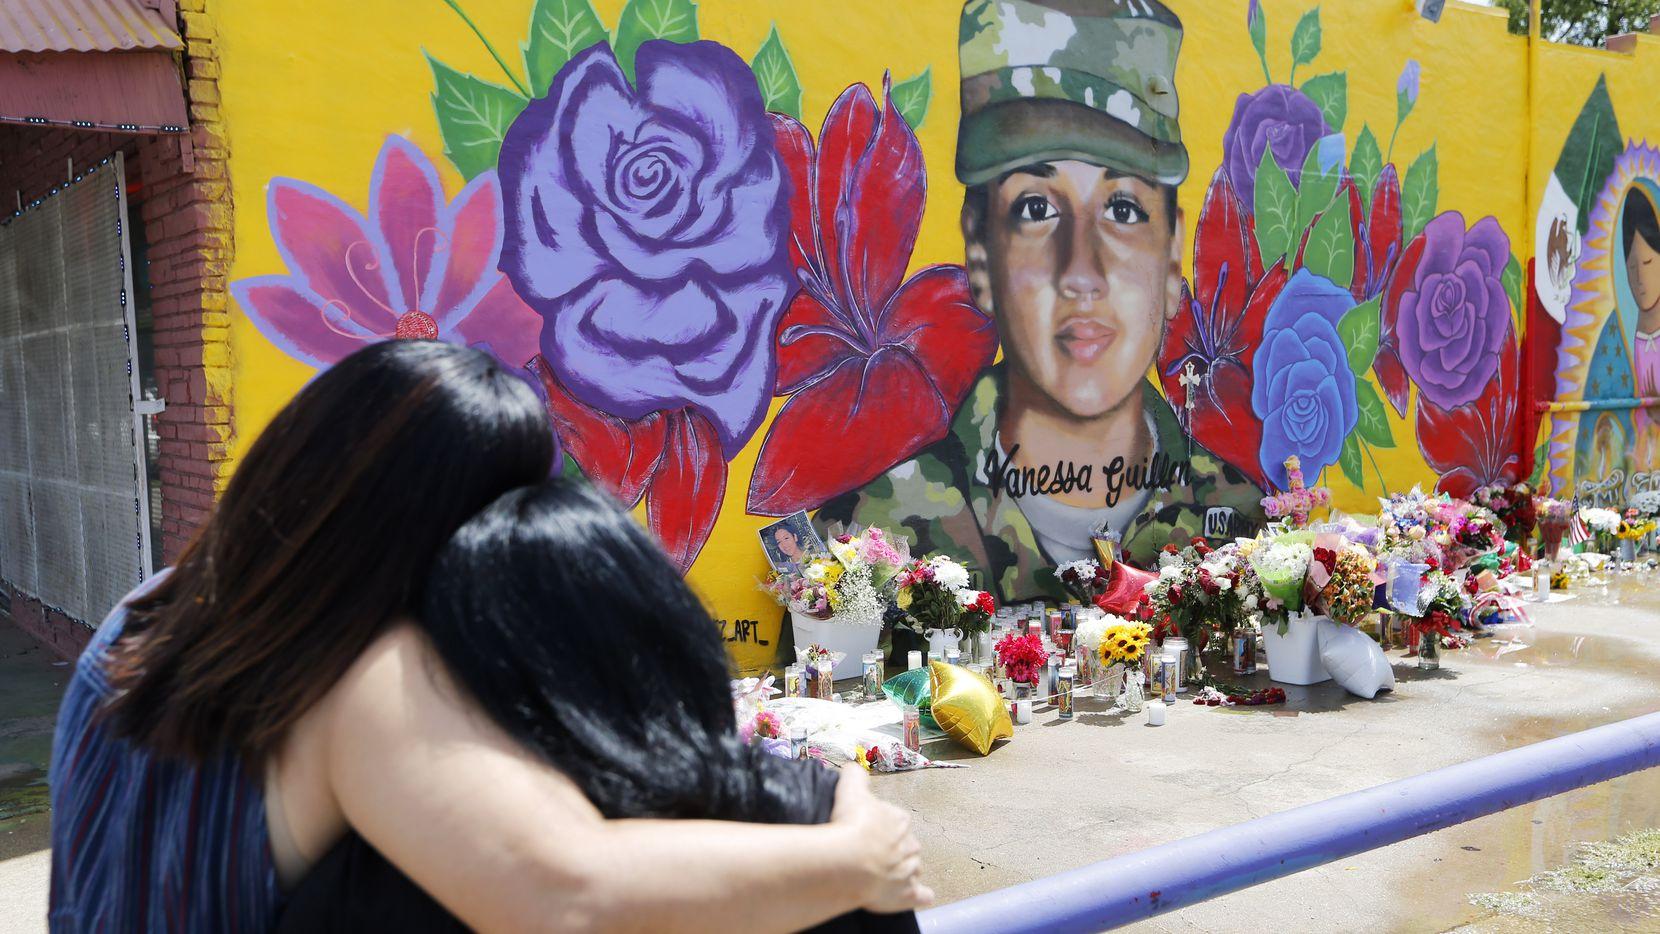 Mary de León y Anastasia González se consuelan al pie del mural de Vanessa Guillén que fue pintado por artistas de Fort Worth, encabezados por Juan Velázquez.